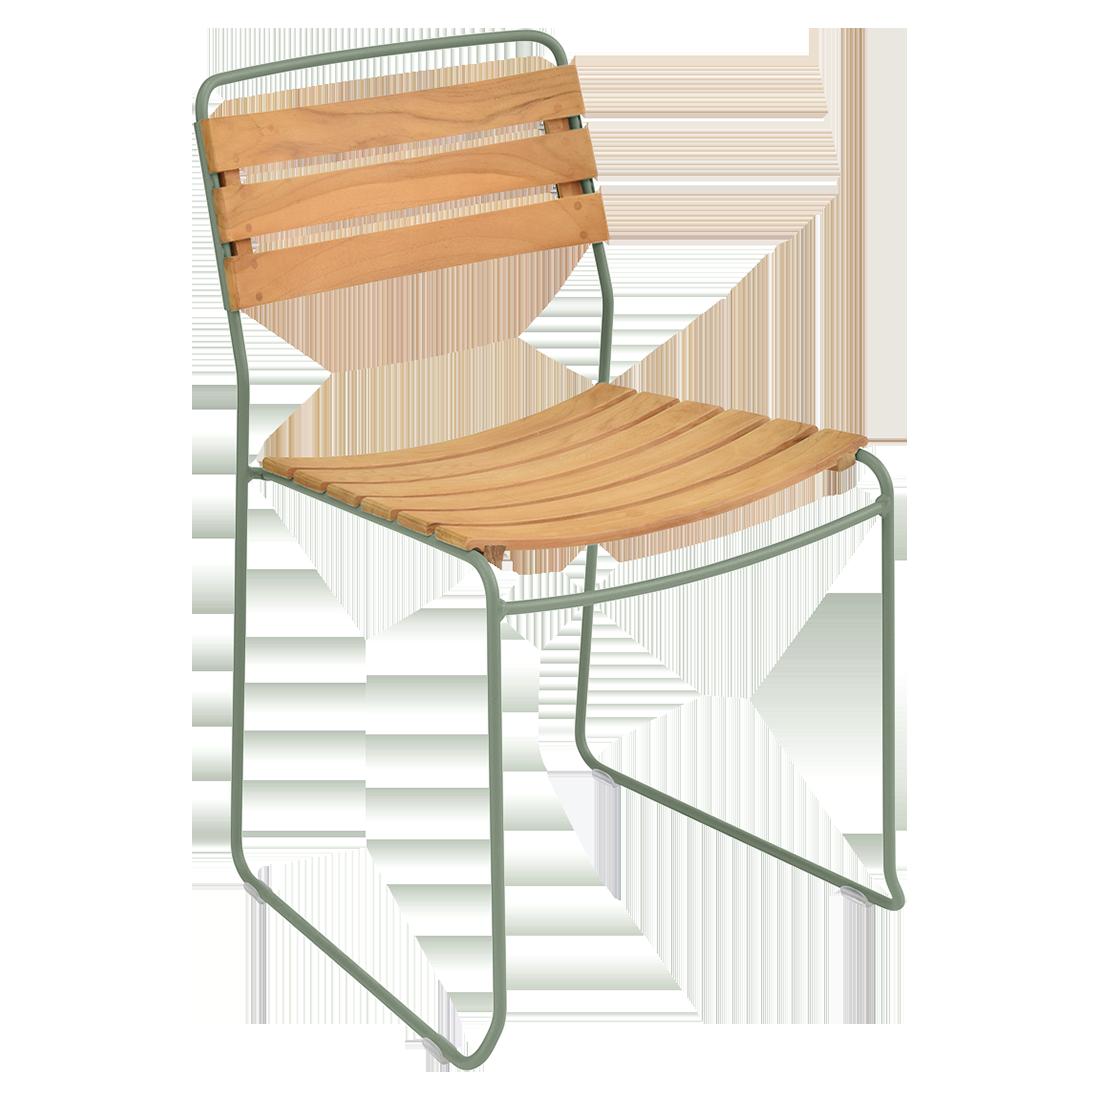 chaise surprising, chaise fermob, chaise bois et metal, chaise de jardin, chaise design, chaise bois et vert, guggenbichler